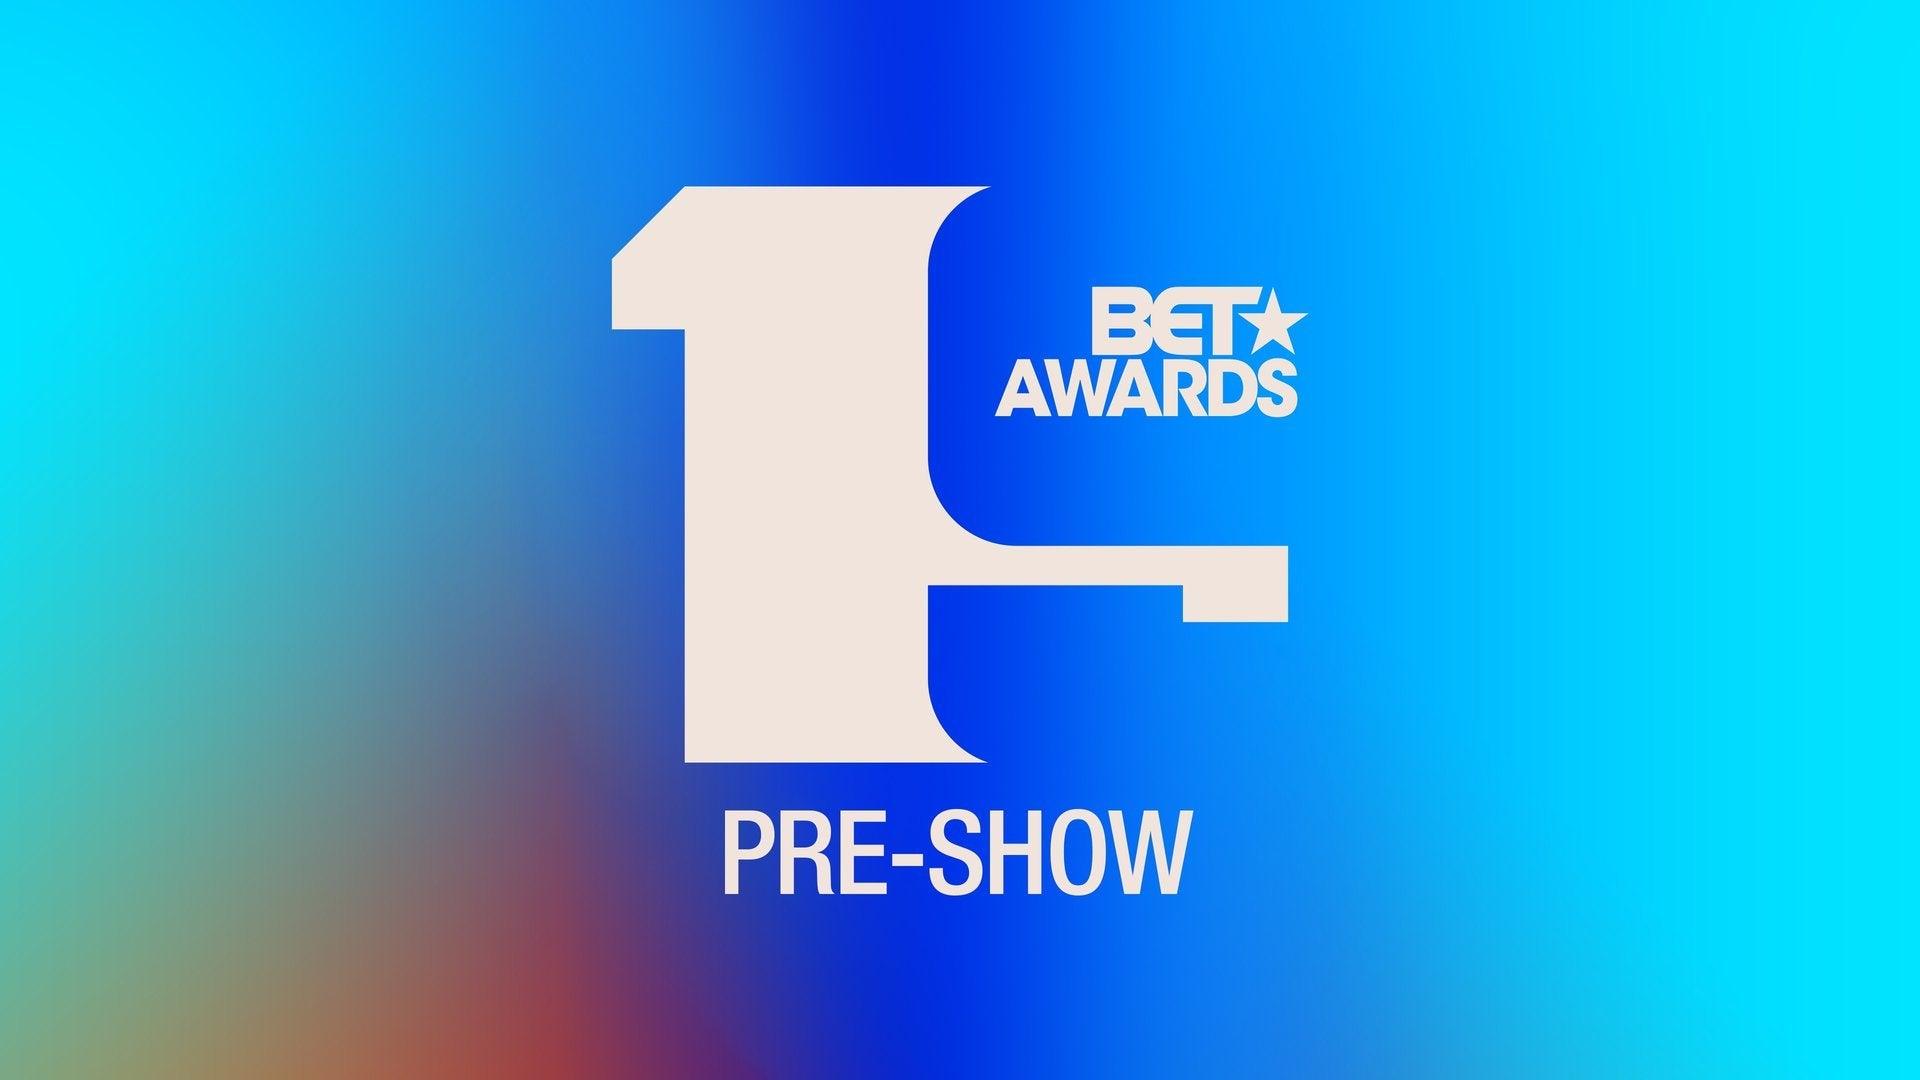 2019 BET Awards Pre-Show